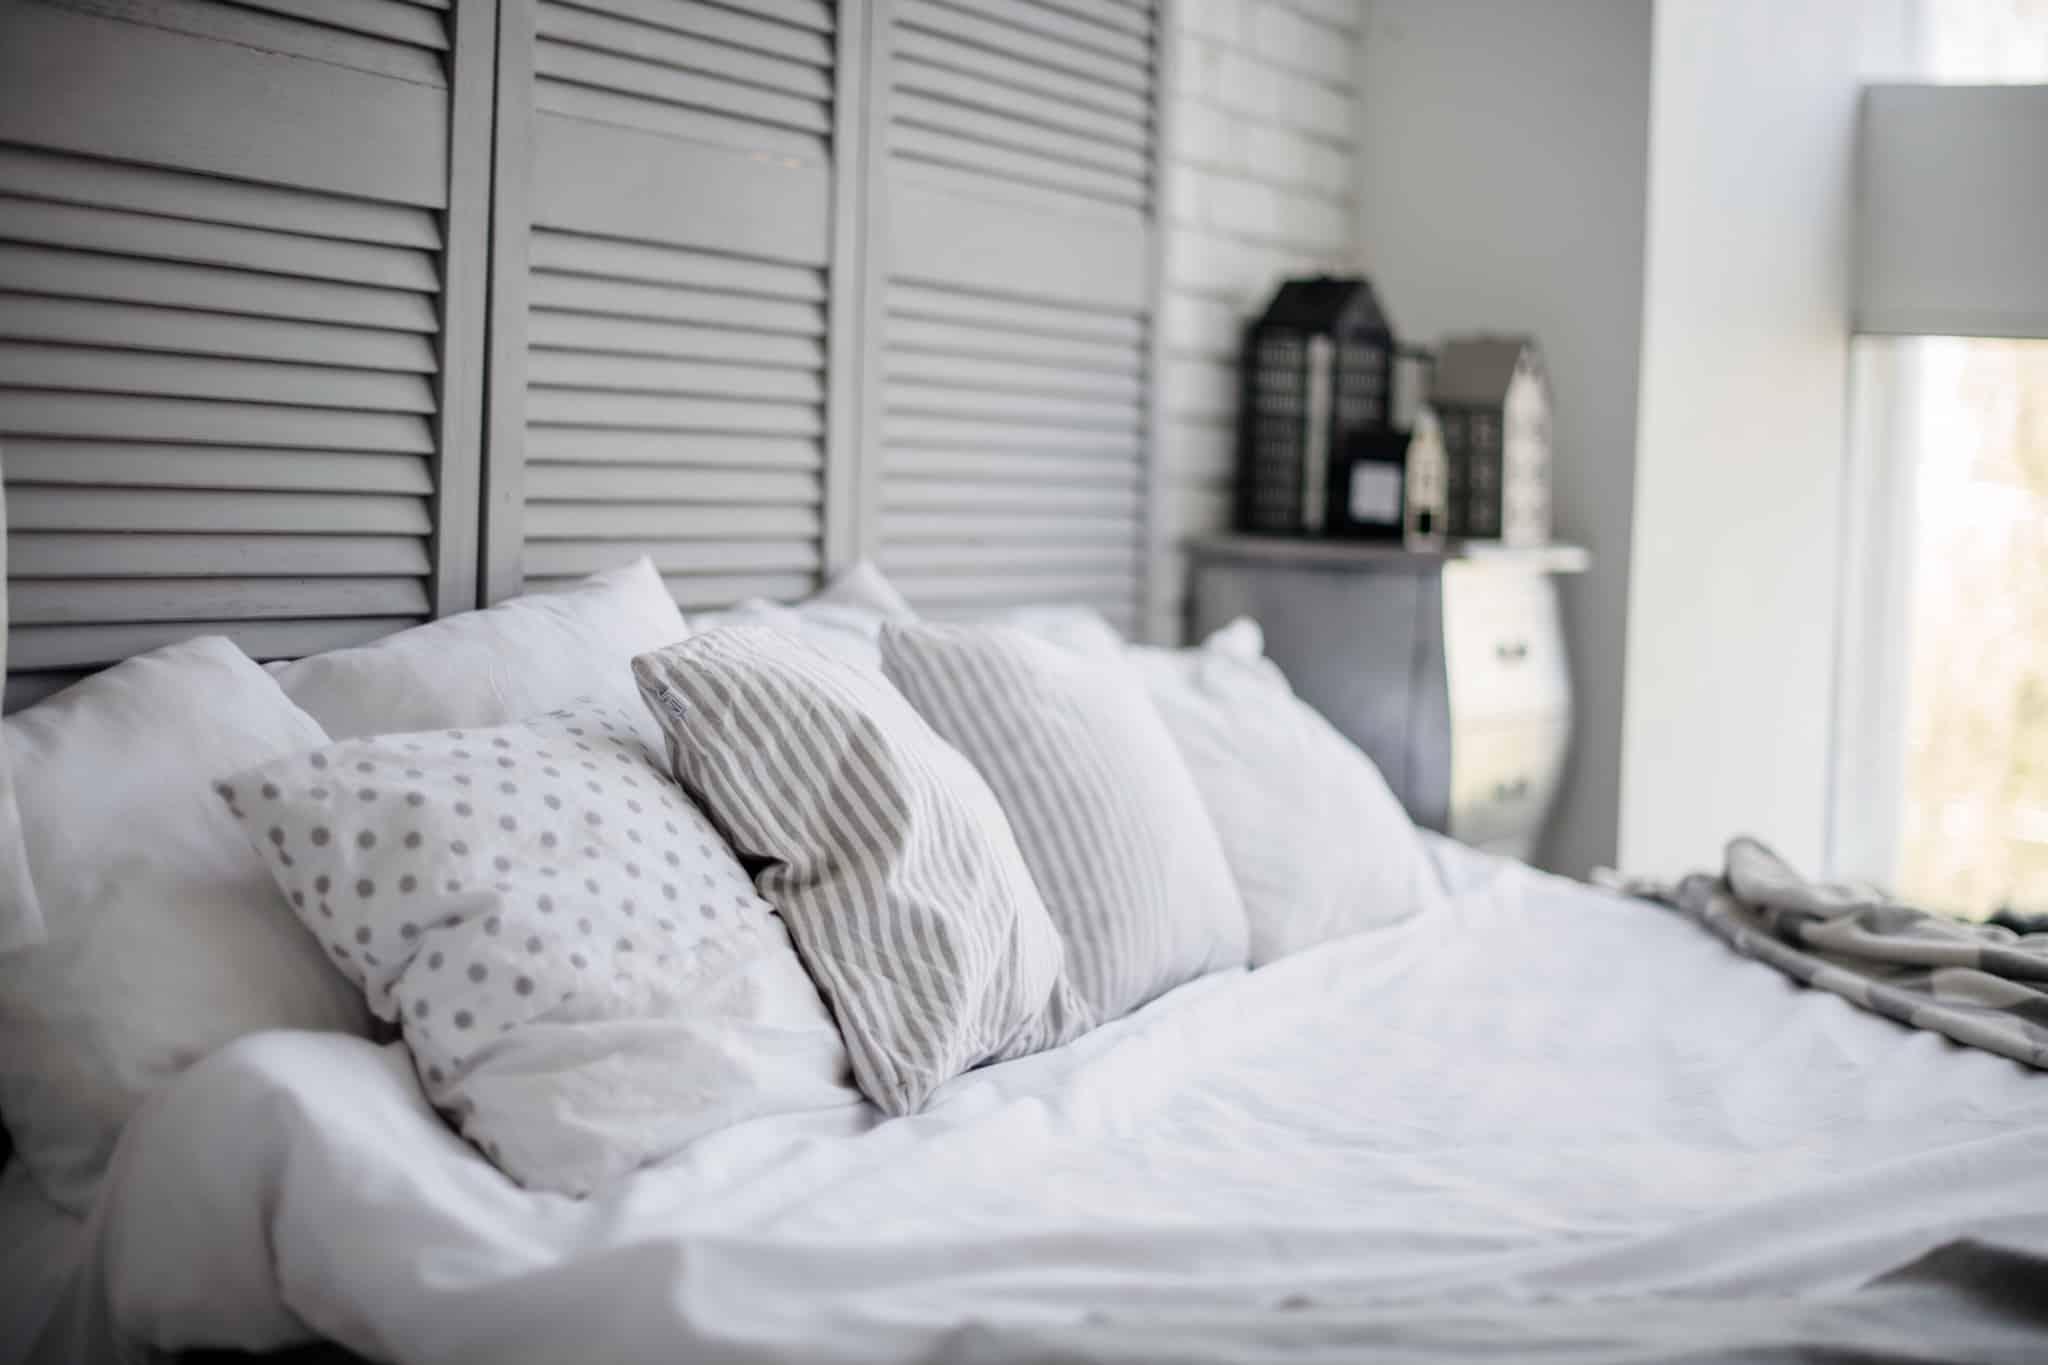 quarto com cama grande e quatro almofadas brancas